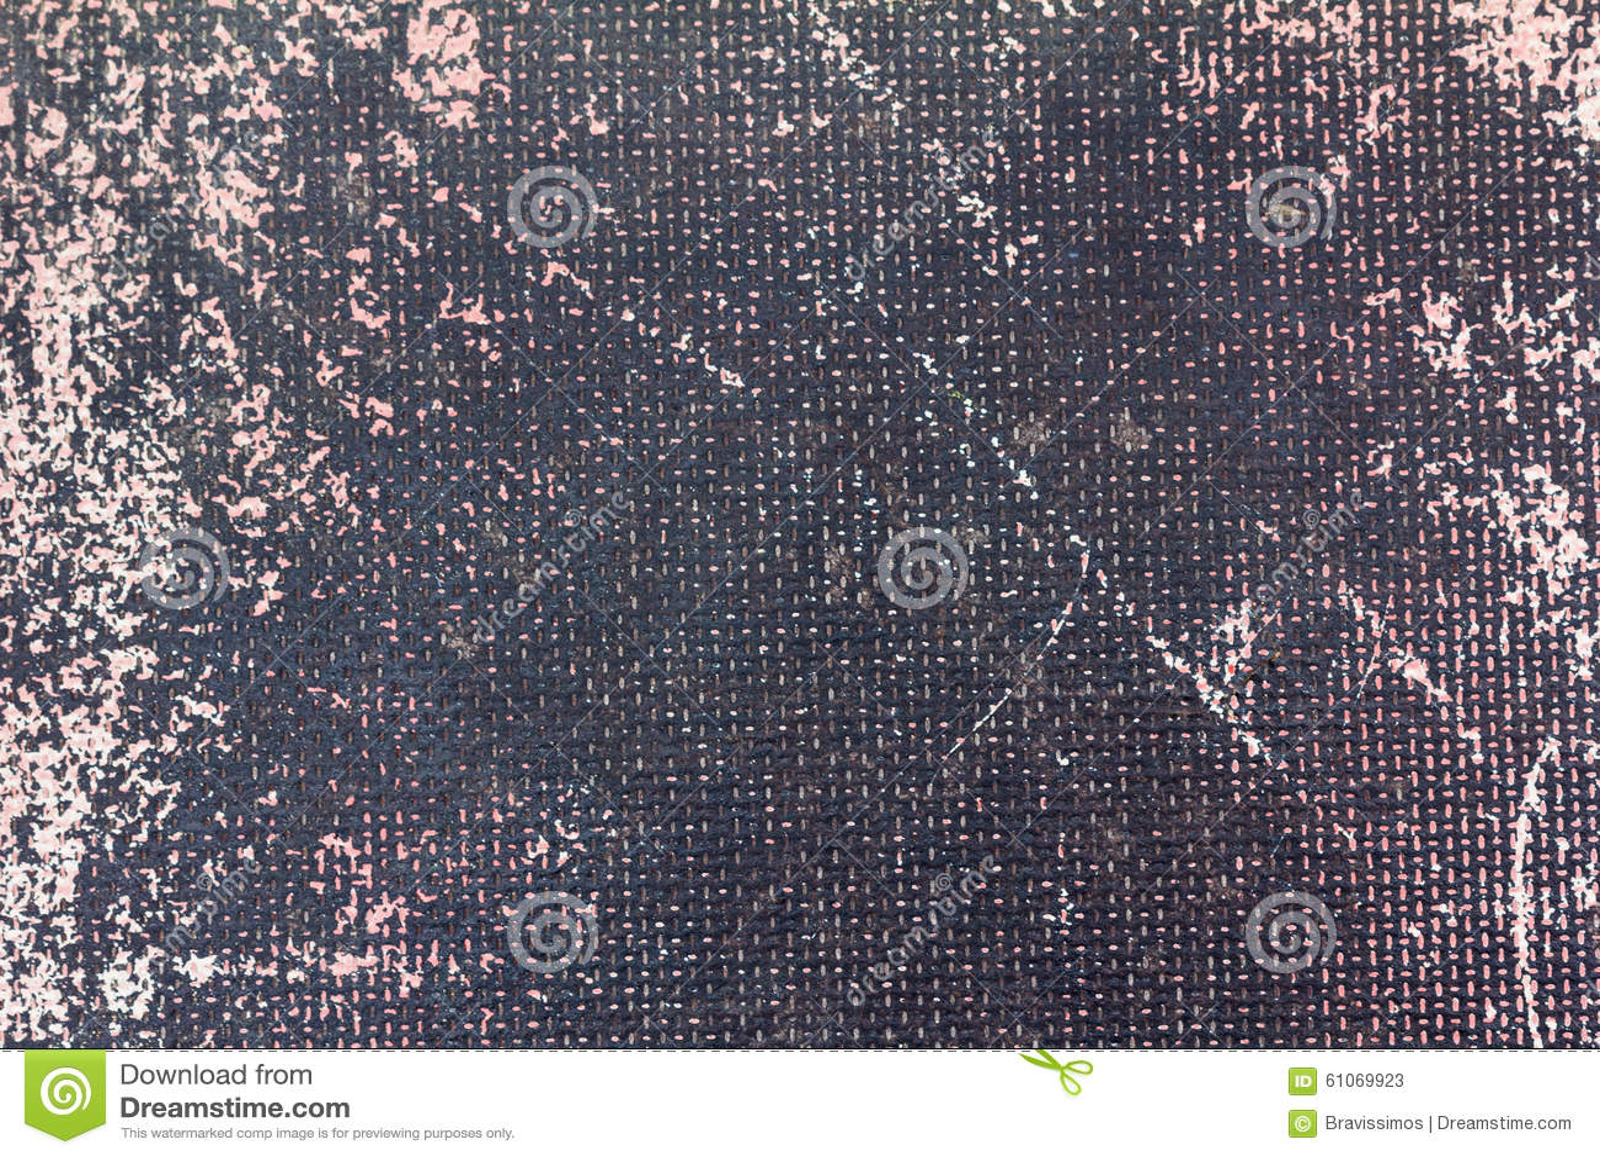 Plastic fiber texture